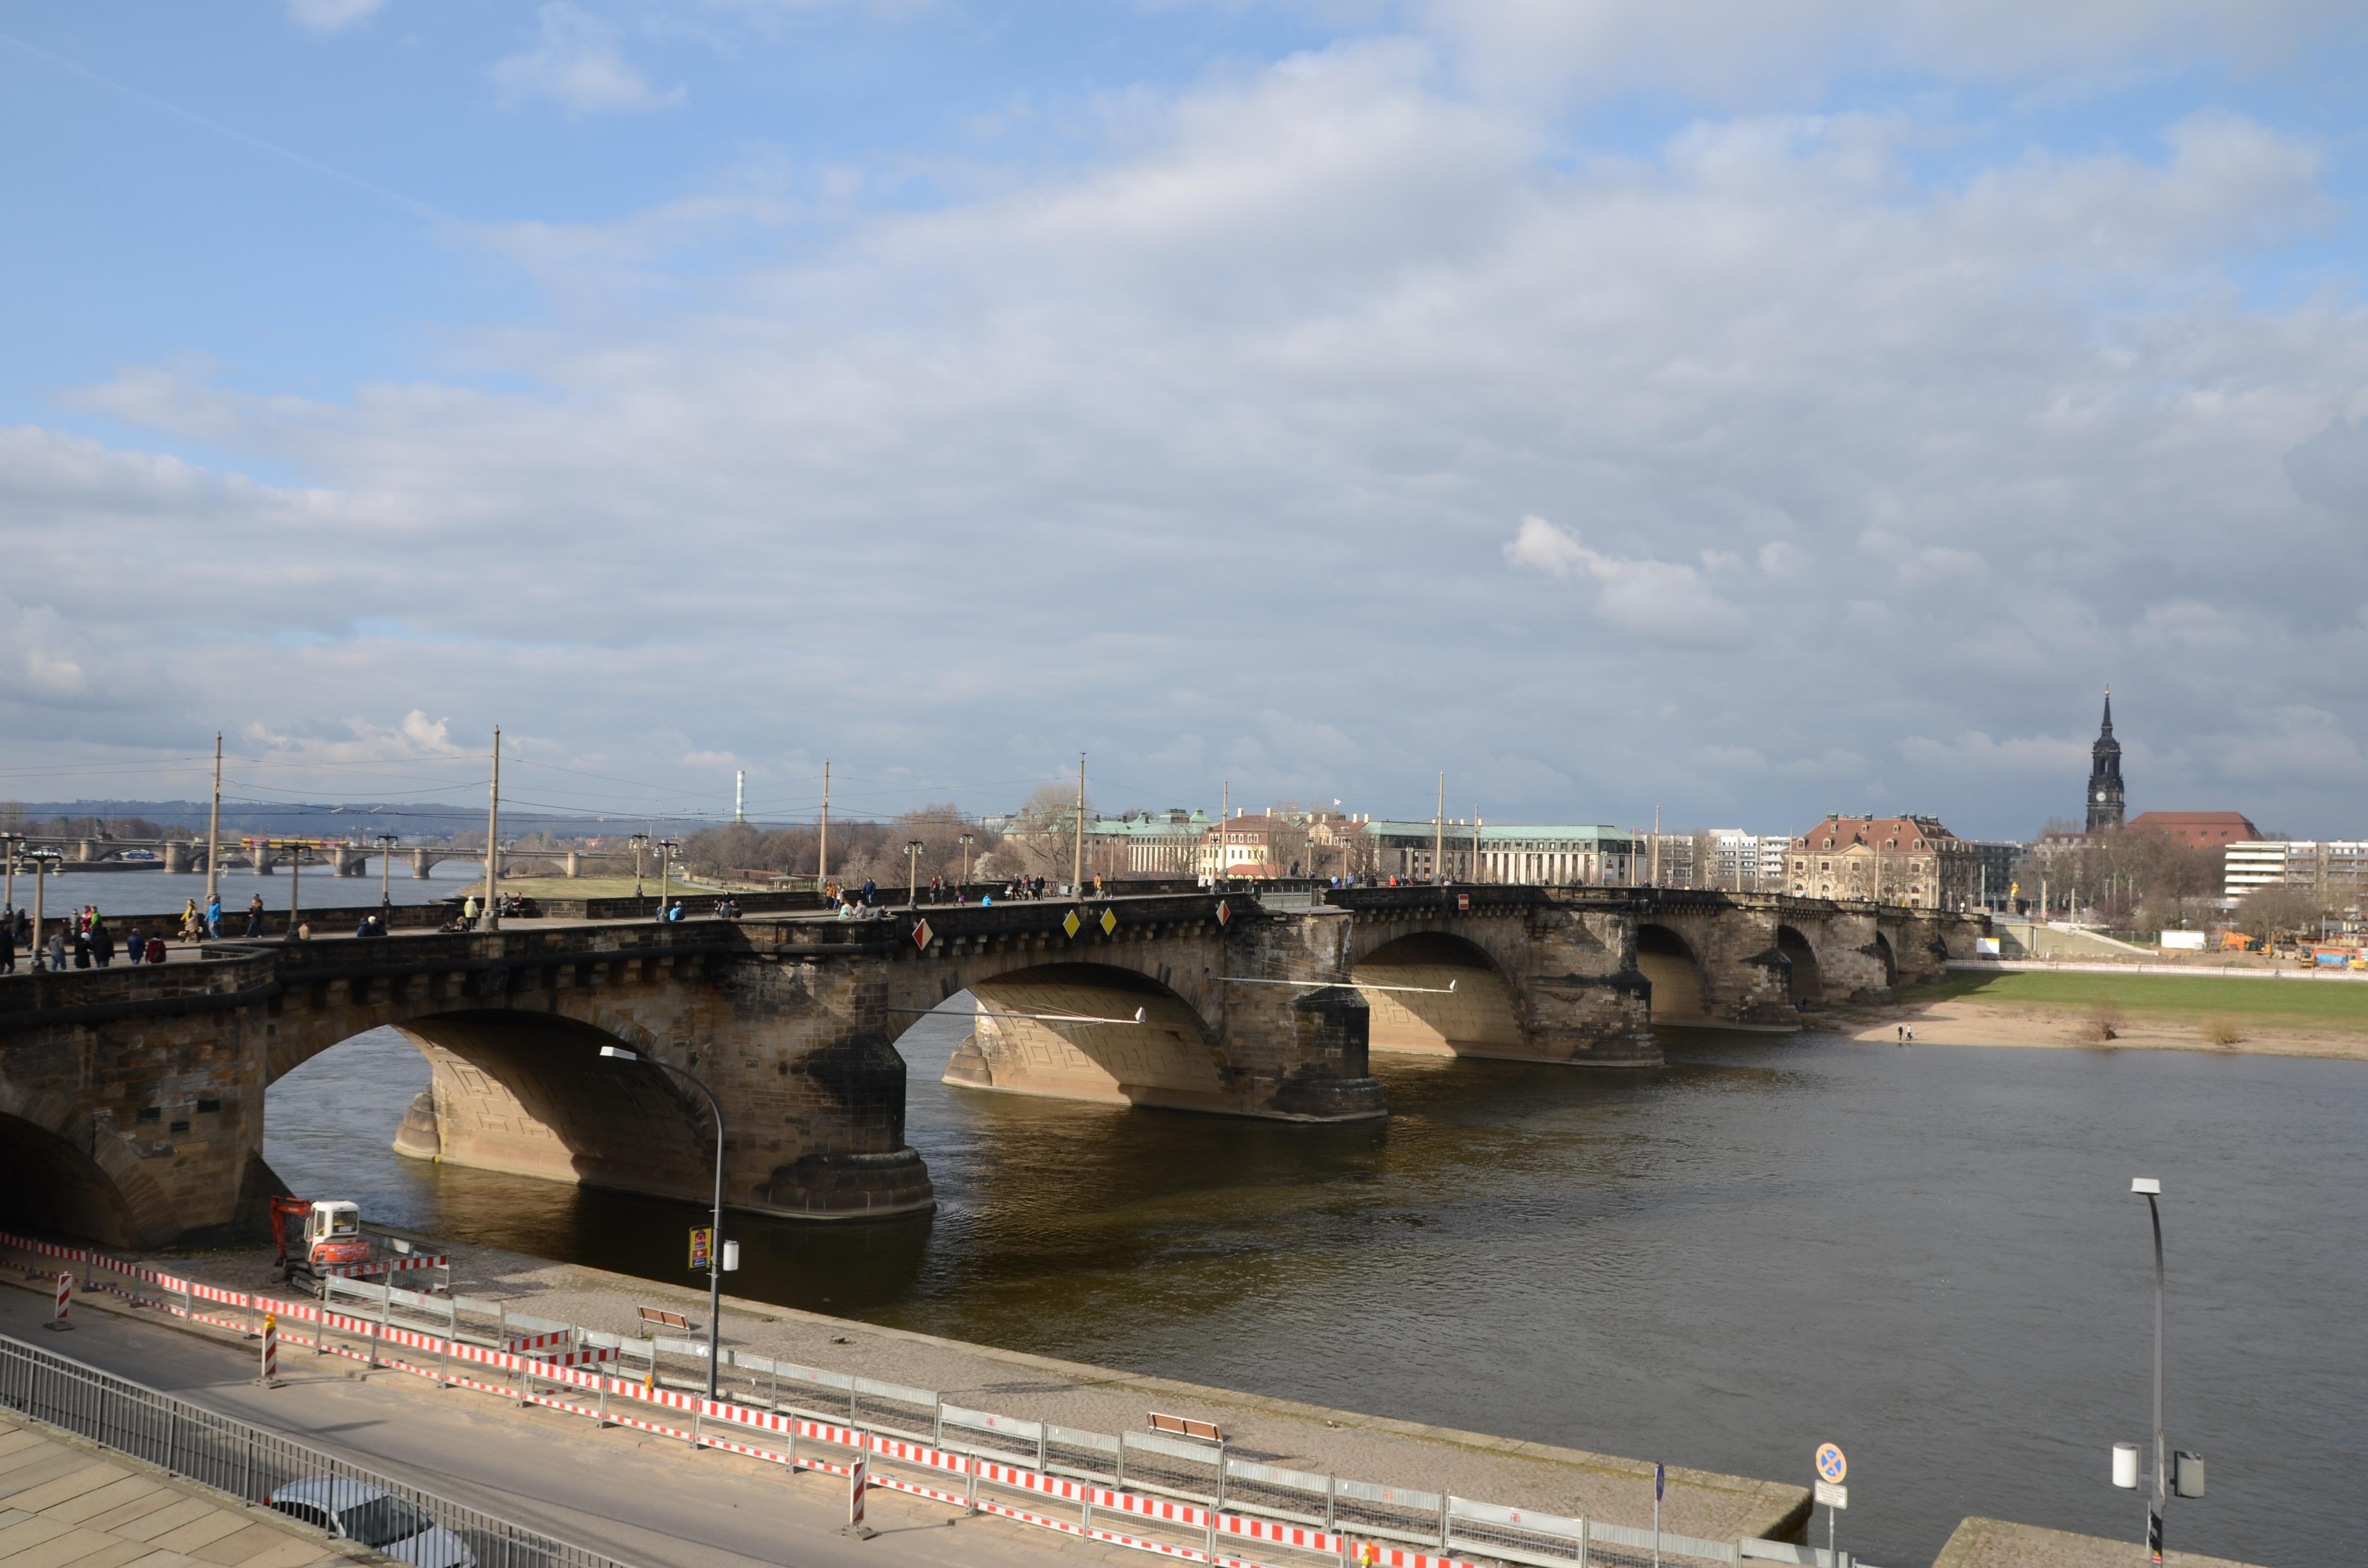 canap dresden mer côte architecture pont rivière voie navigable Infrastructure canal  Dresden Structure non constructible